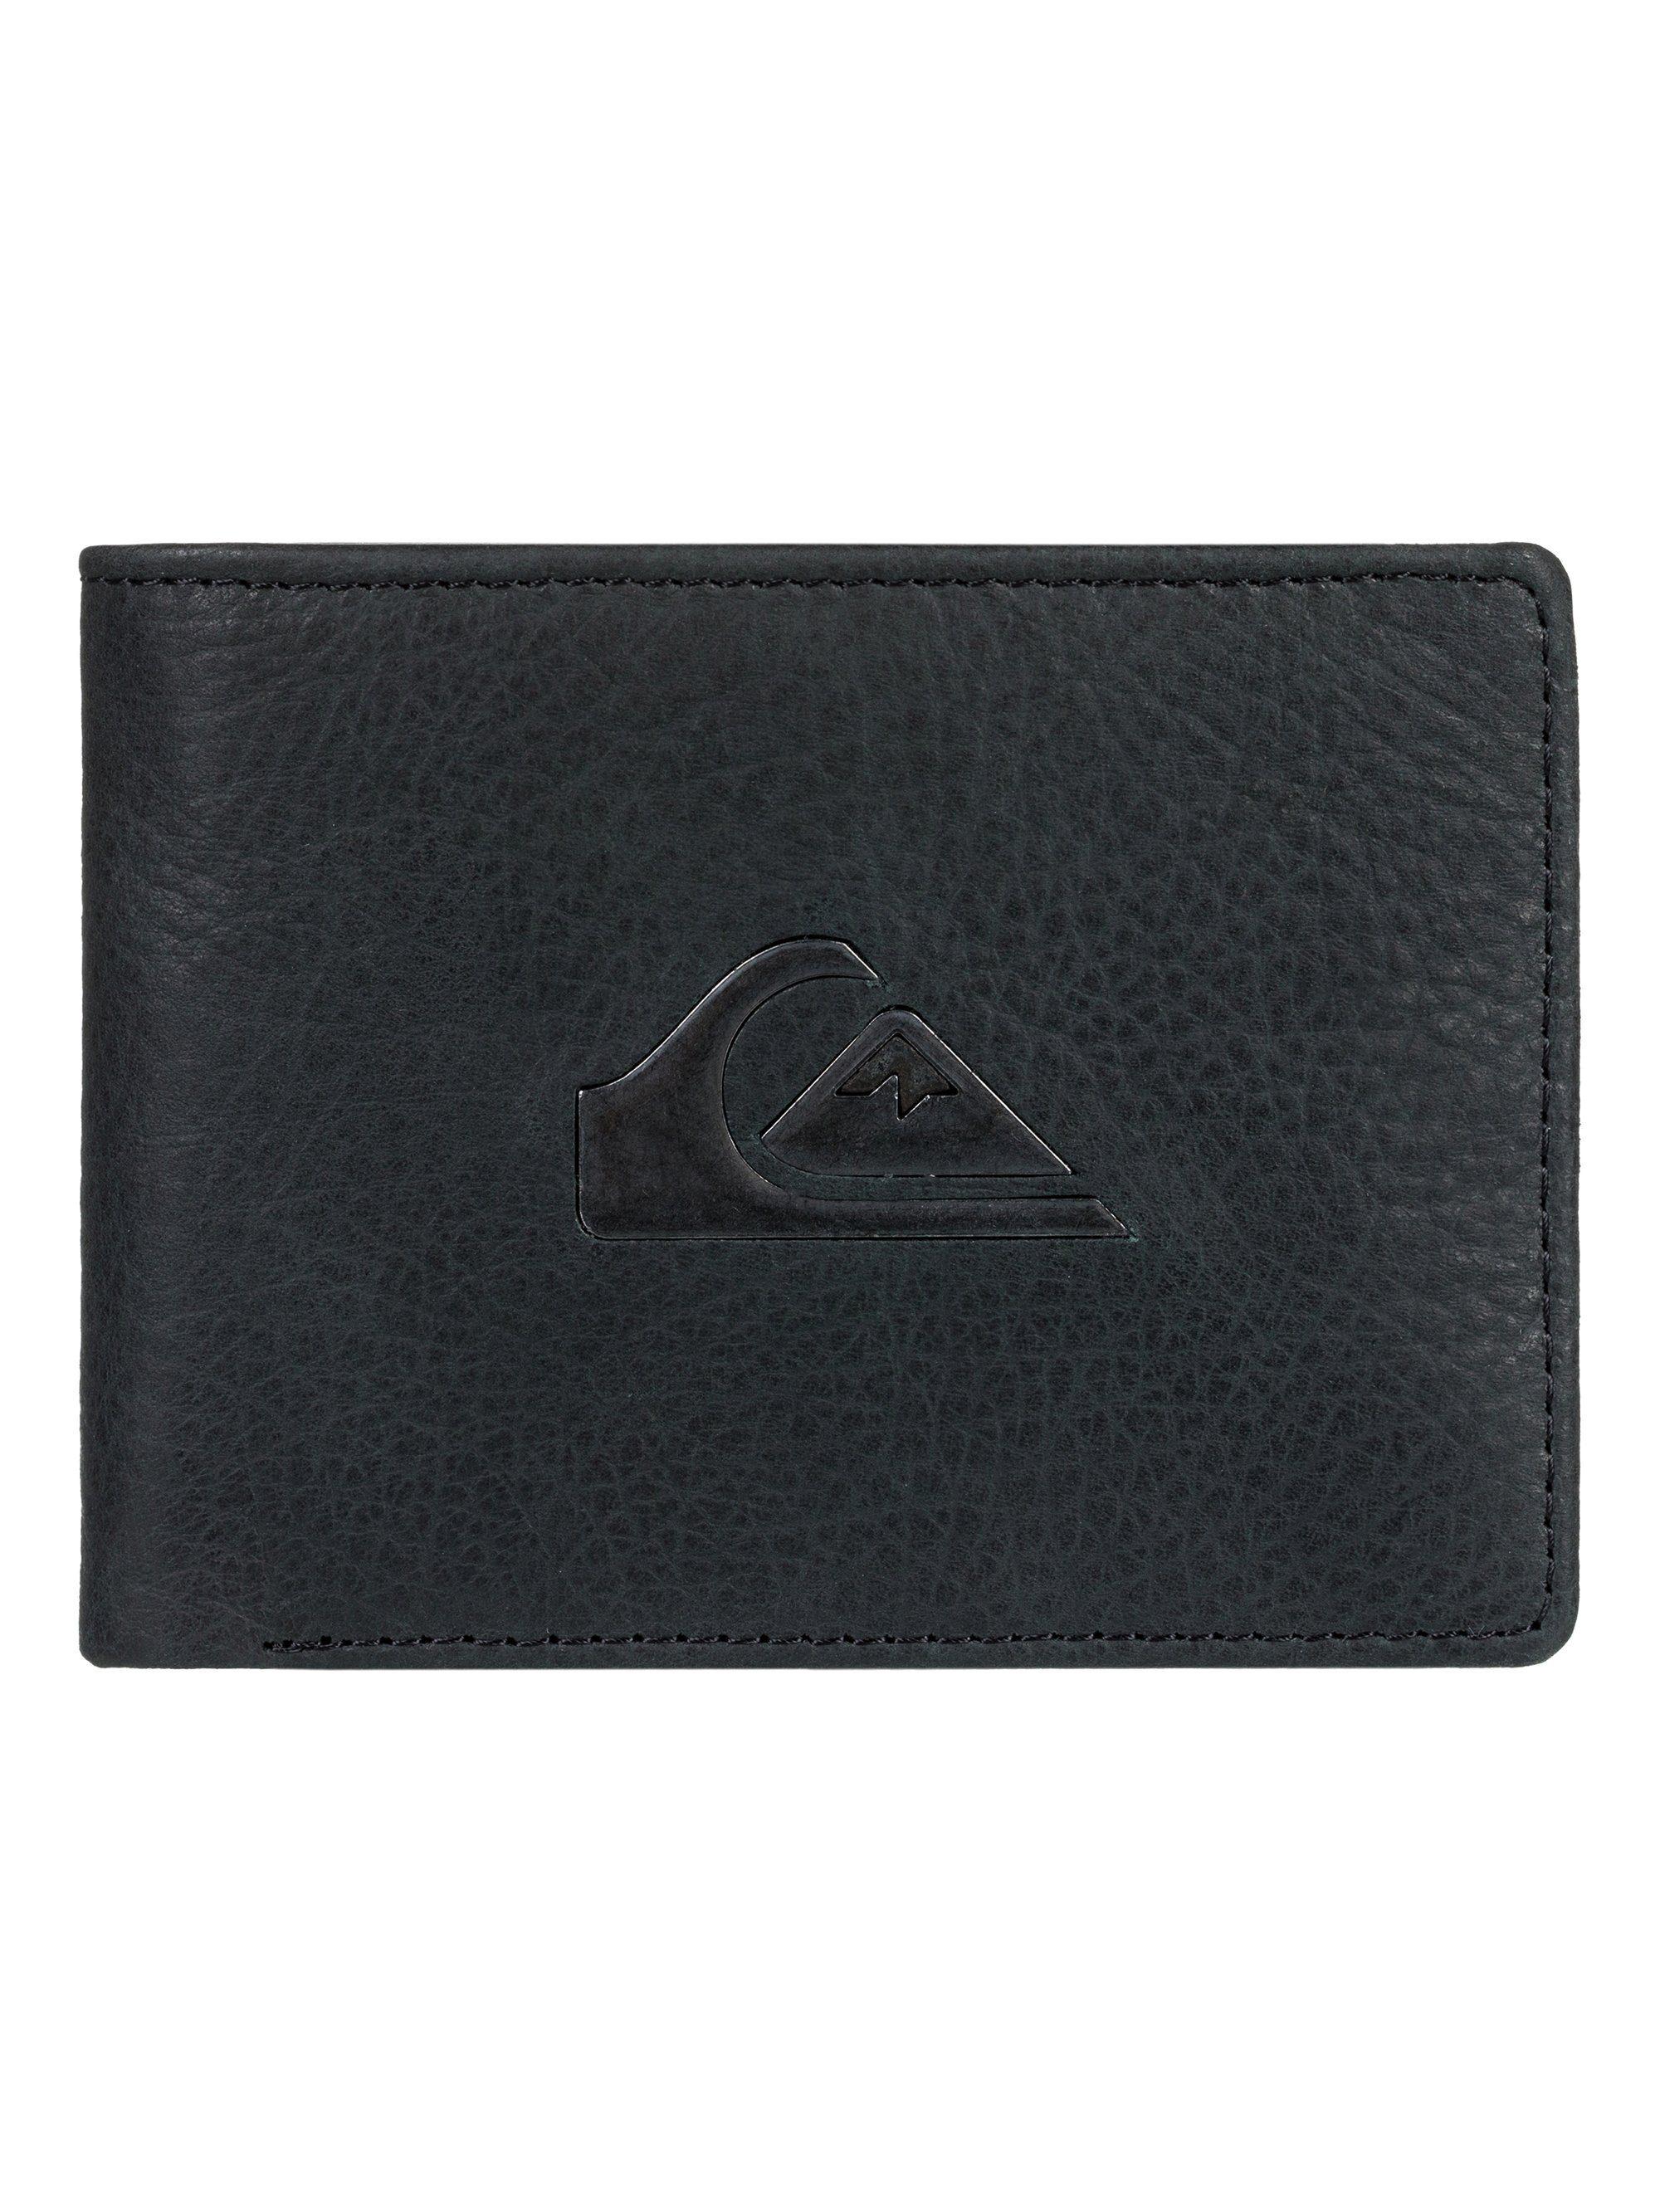 Quiksilver zweifach faltbare Brieftasche »Miss Dollar II«